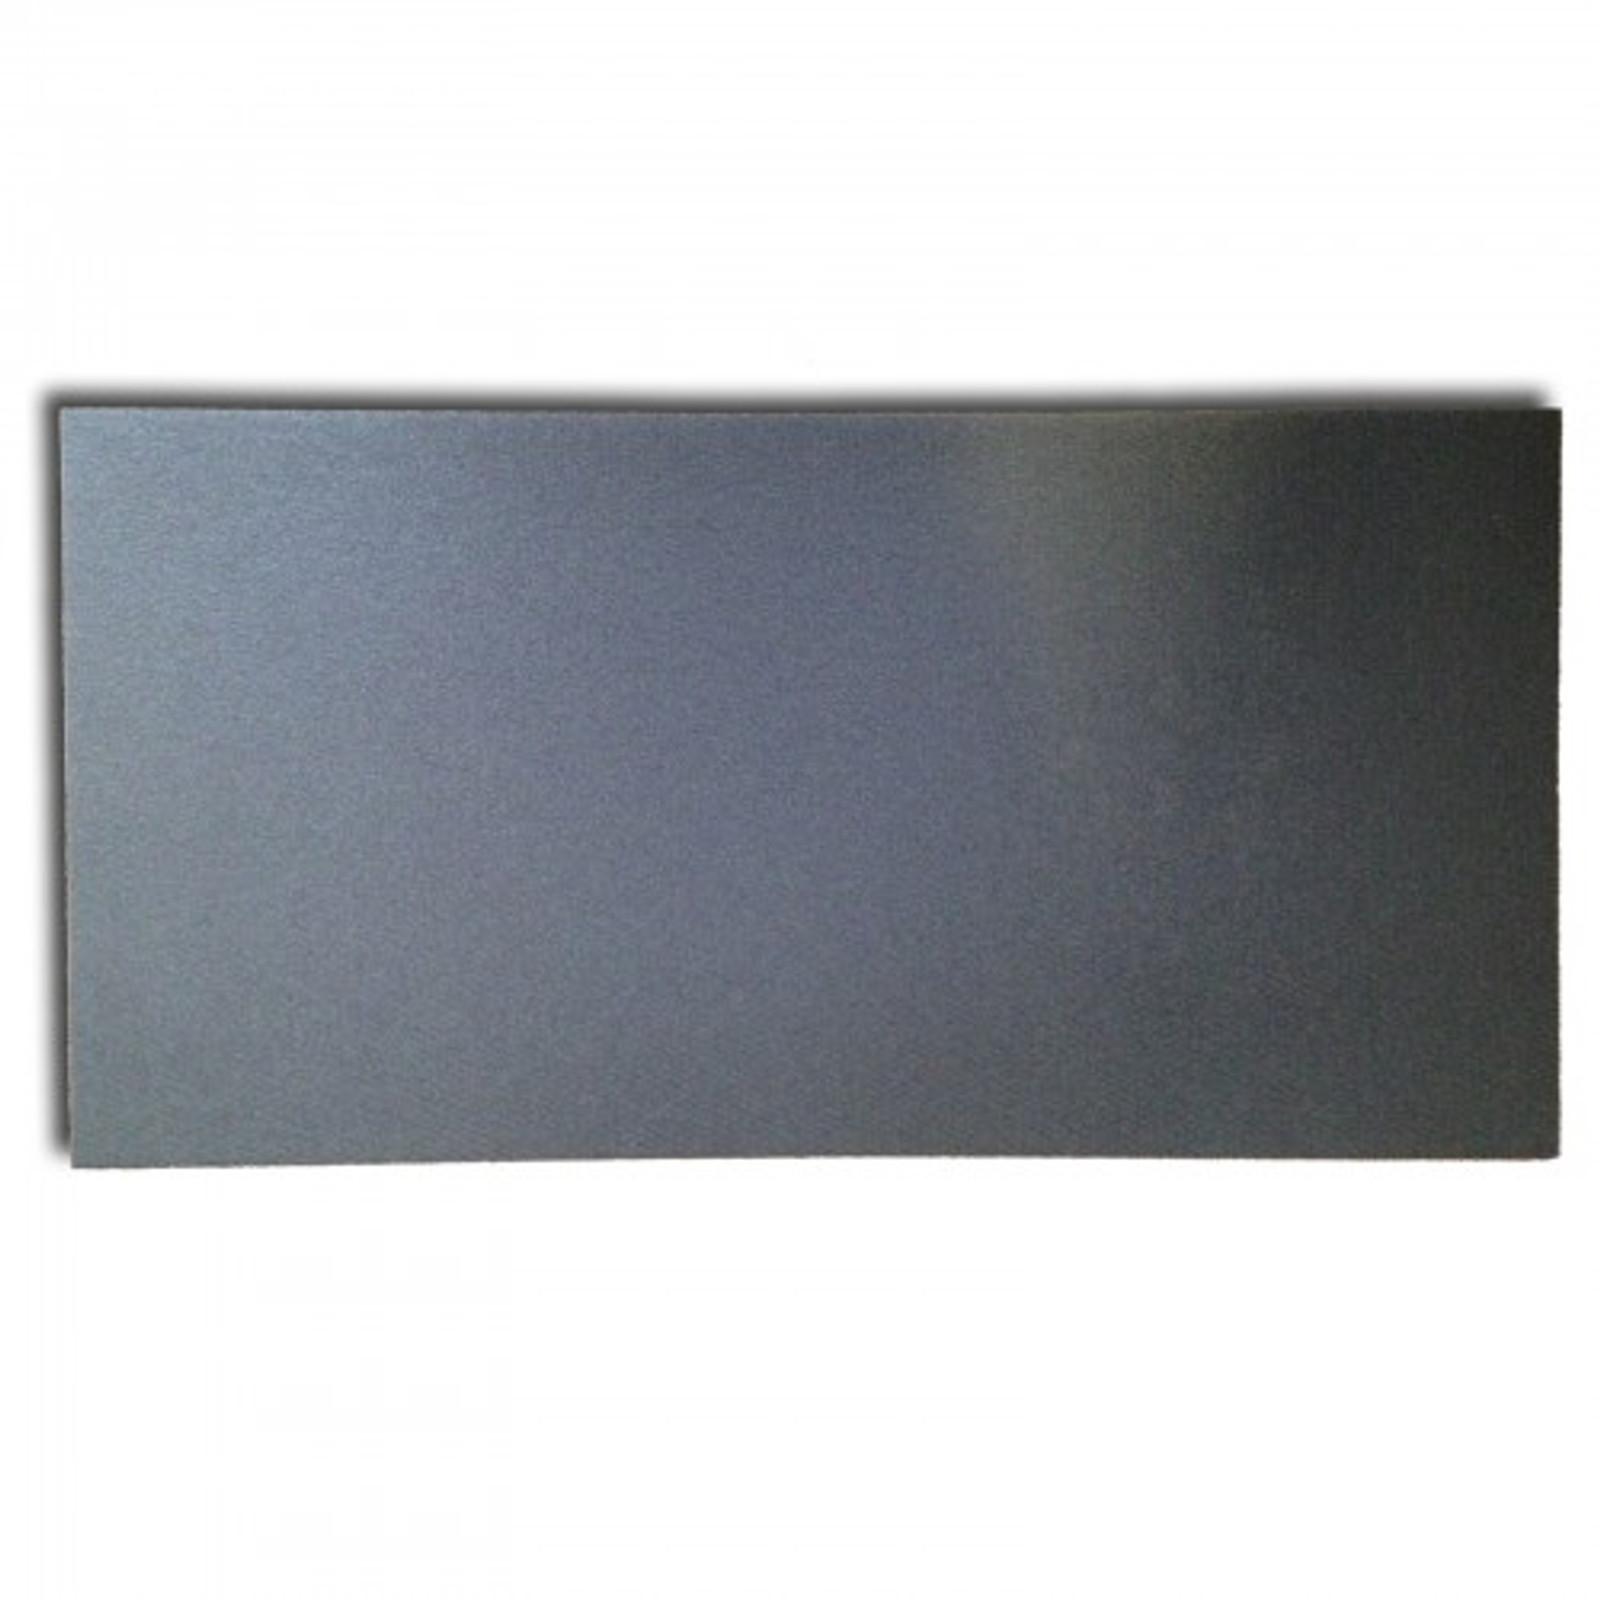 Aquarium- u. Terrarium-Unterlage 80 x 35 cm, 6 mm Stärke